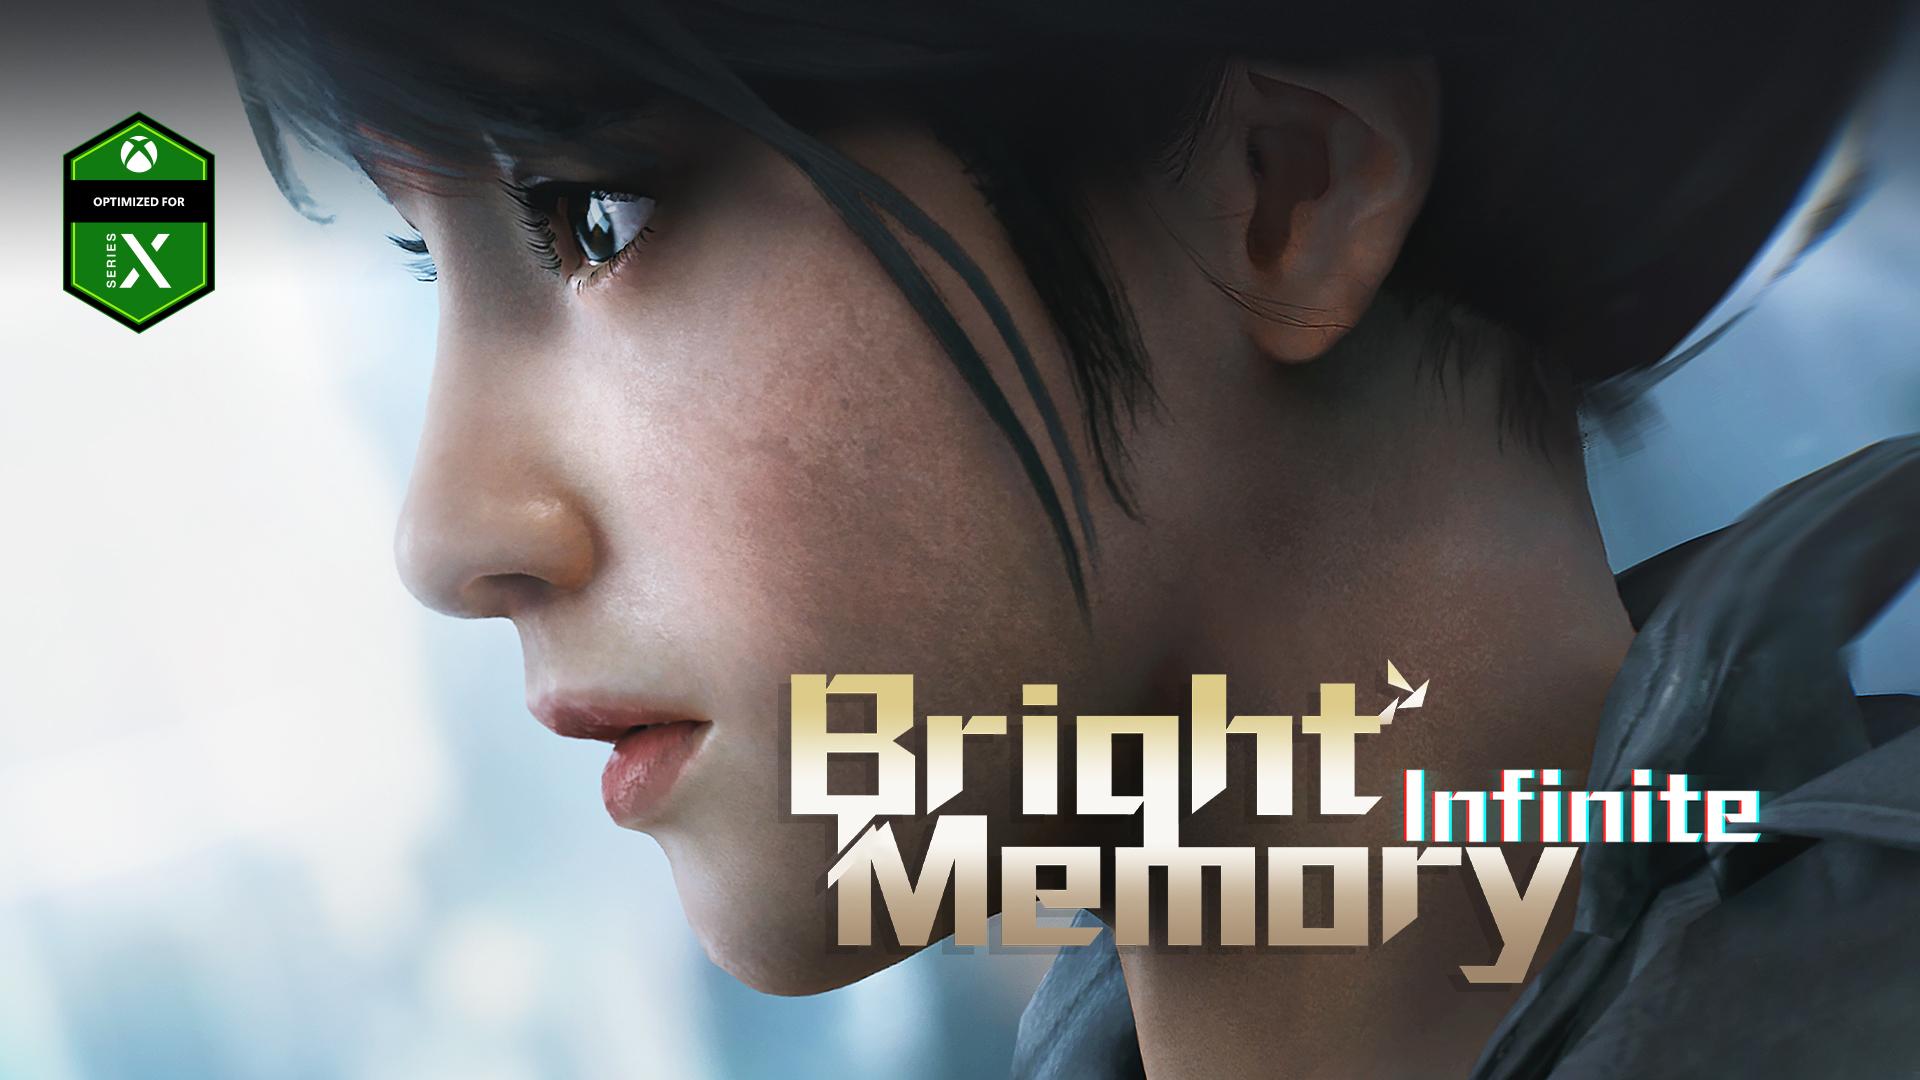 Bright Memory Infinite, ottimizzato per Series X, una giovane donna guarda in lontananza.